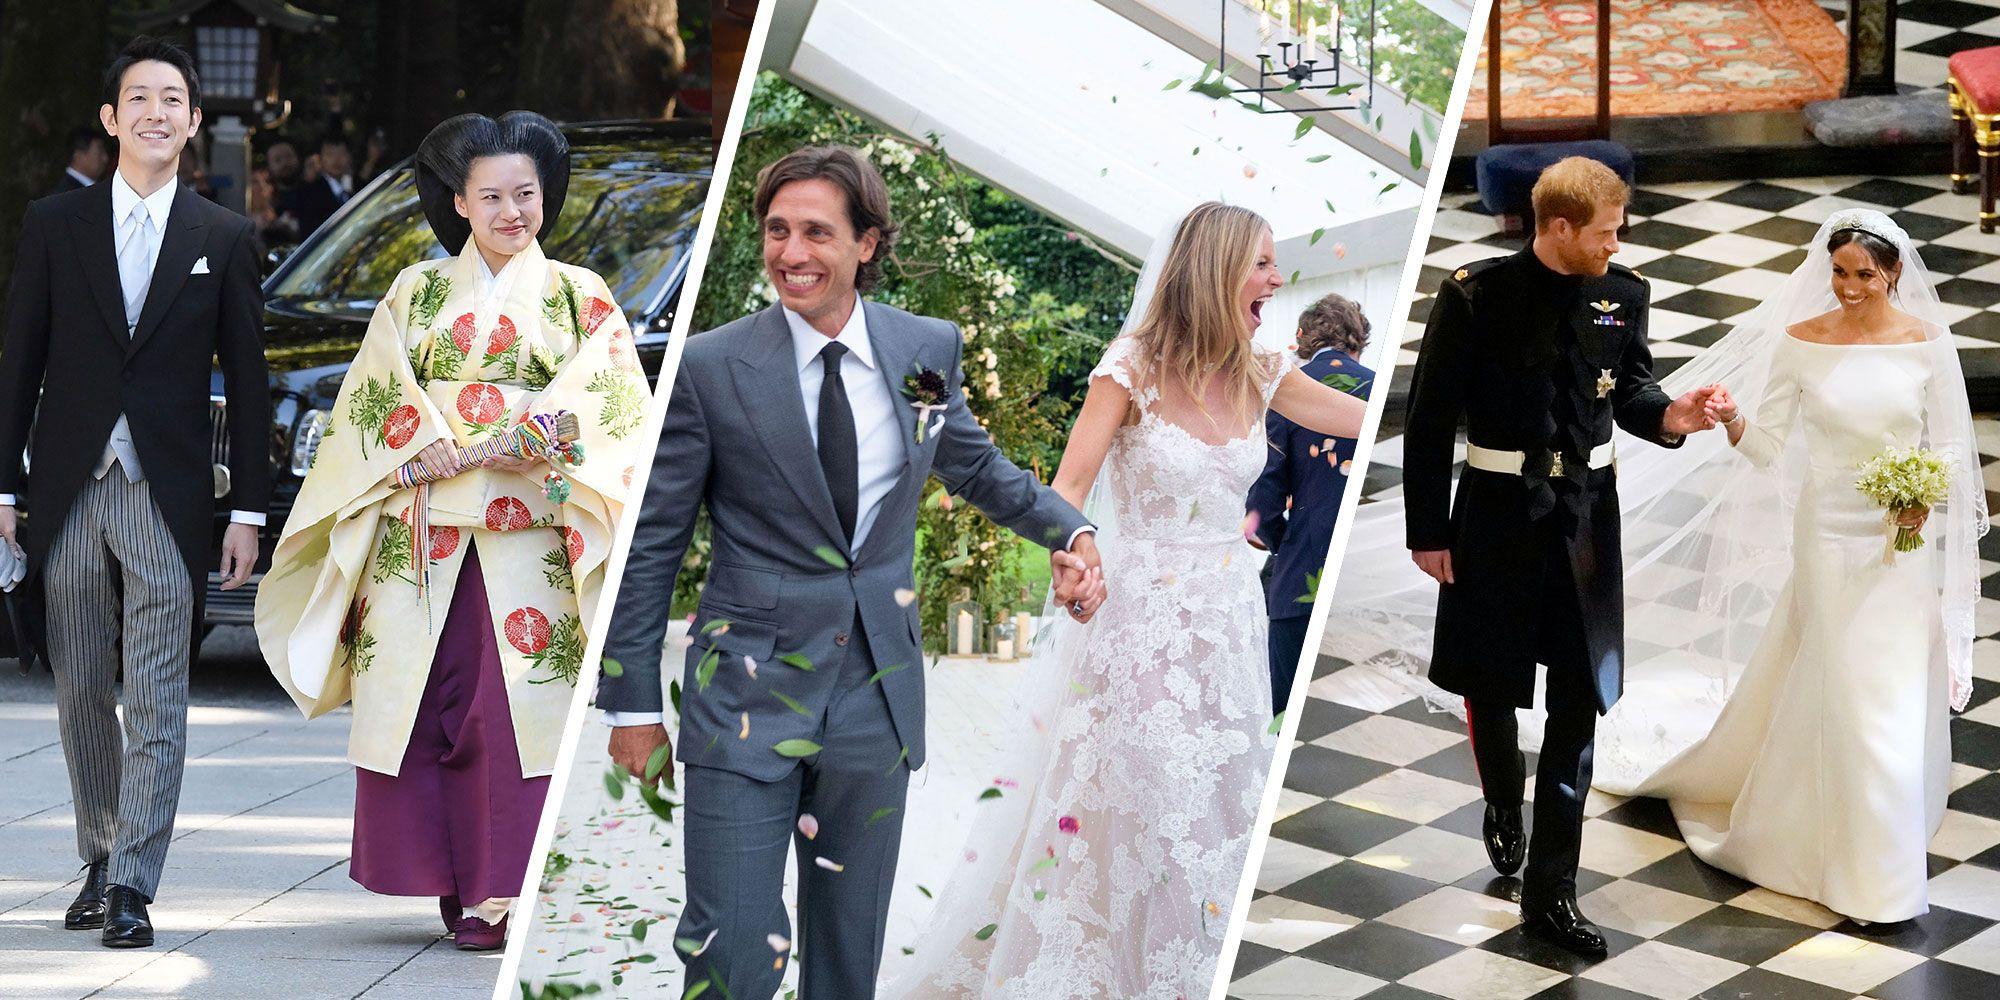 451d594f3176 The Biggest Weddings of 2018 - Best Weddings of 2018